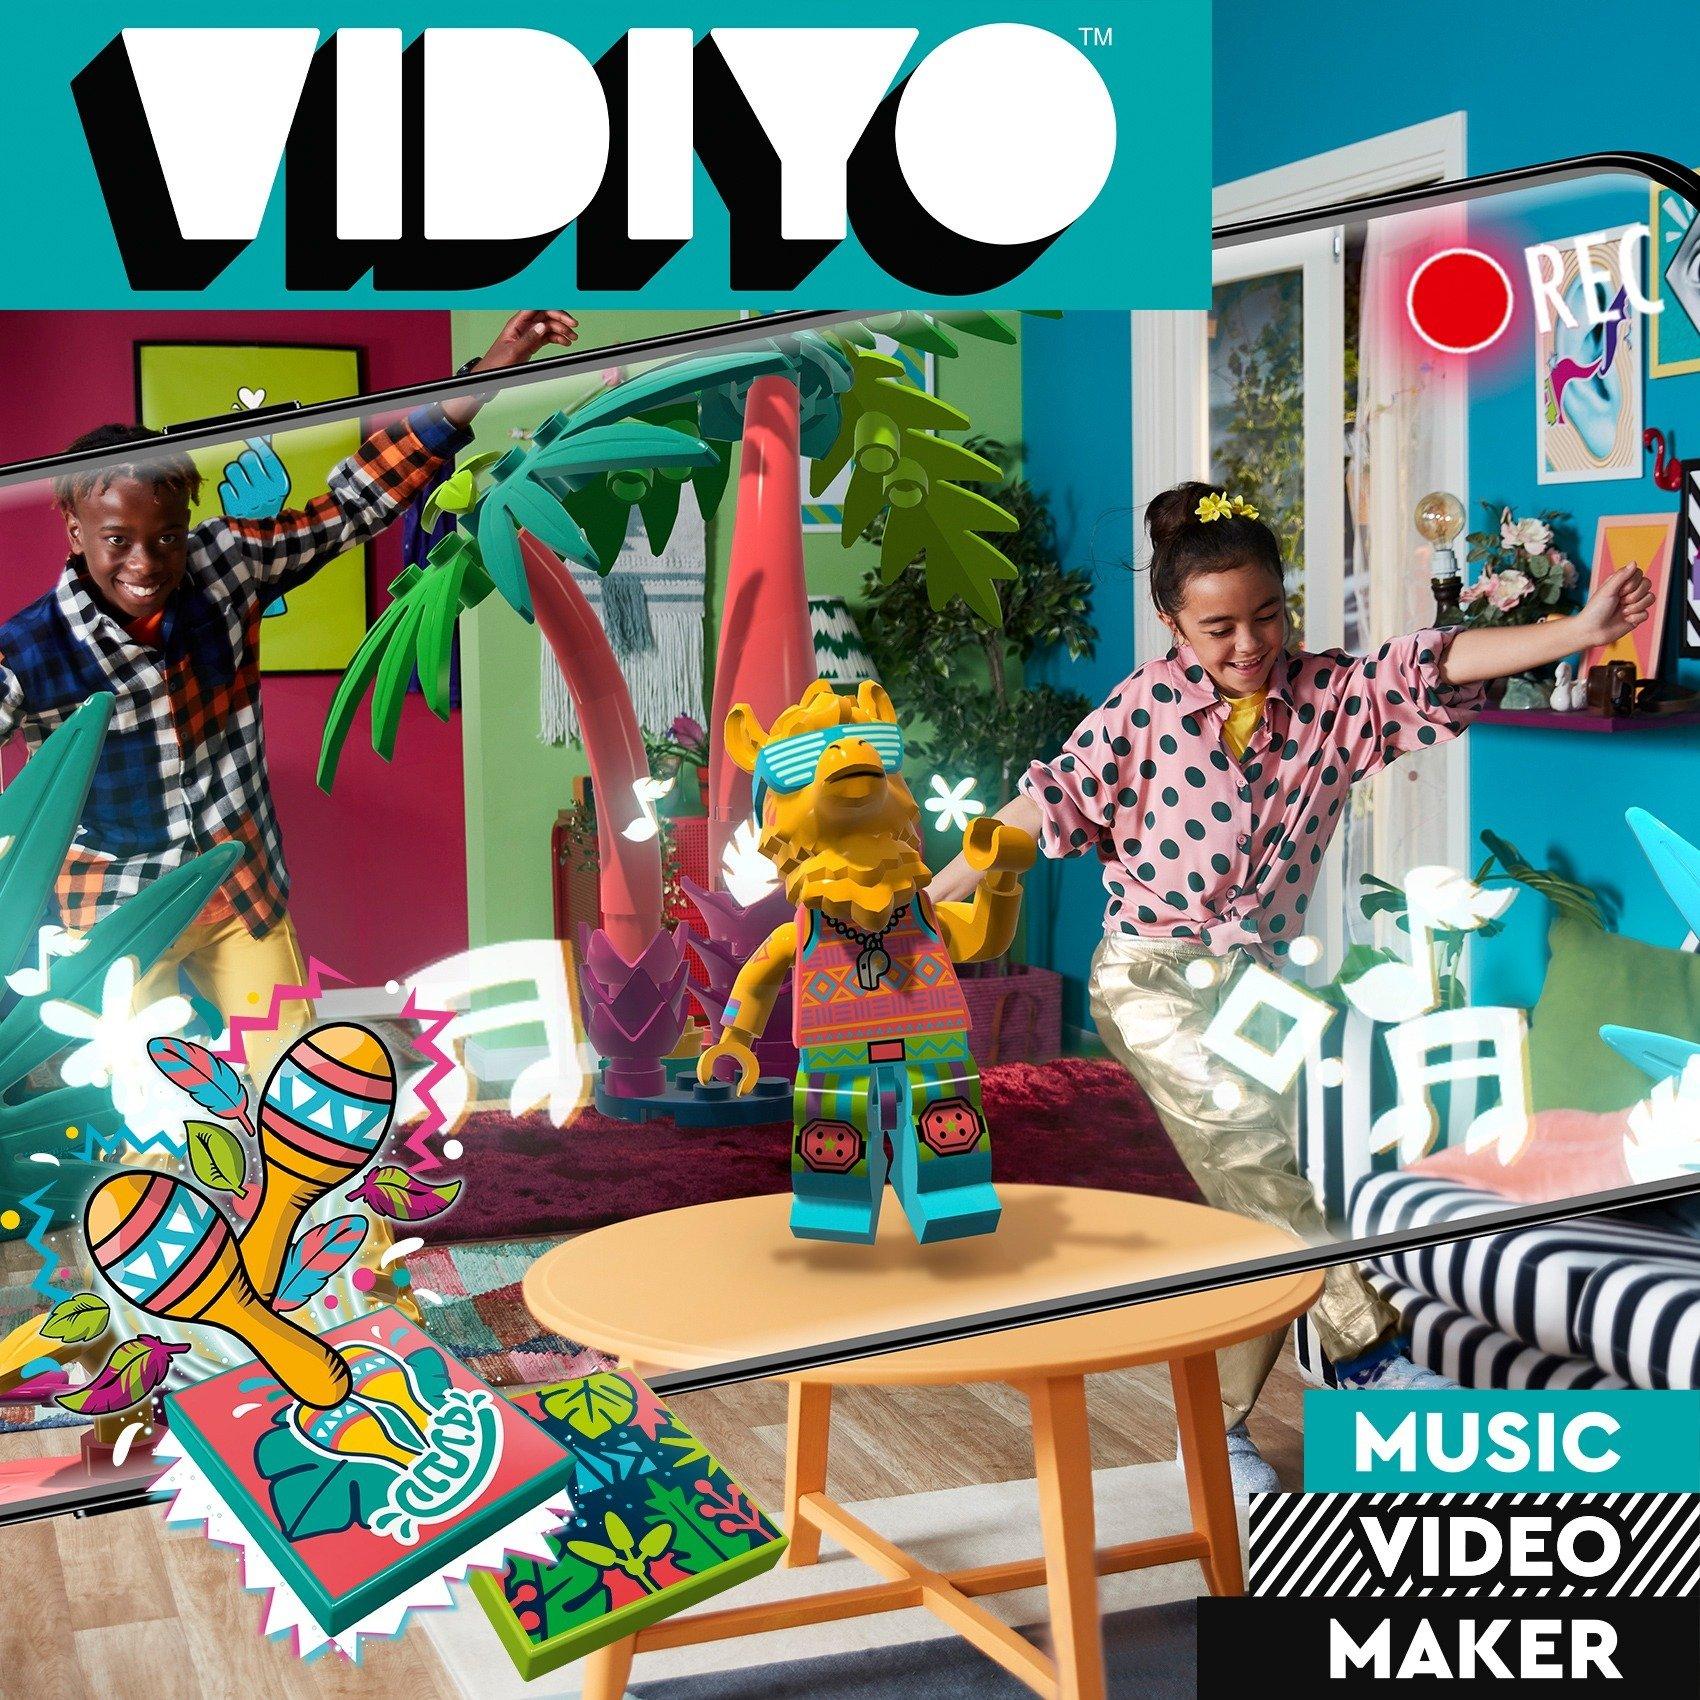 Odkryj LEGO VIDIYO – zupełnie nowy rodzaj zabawy od grupy LEGO i Universal Music Group